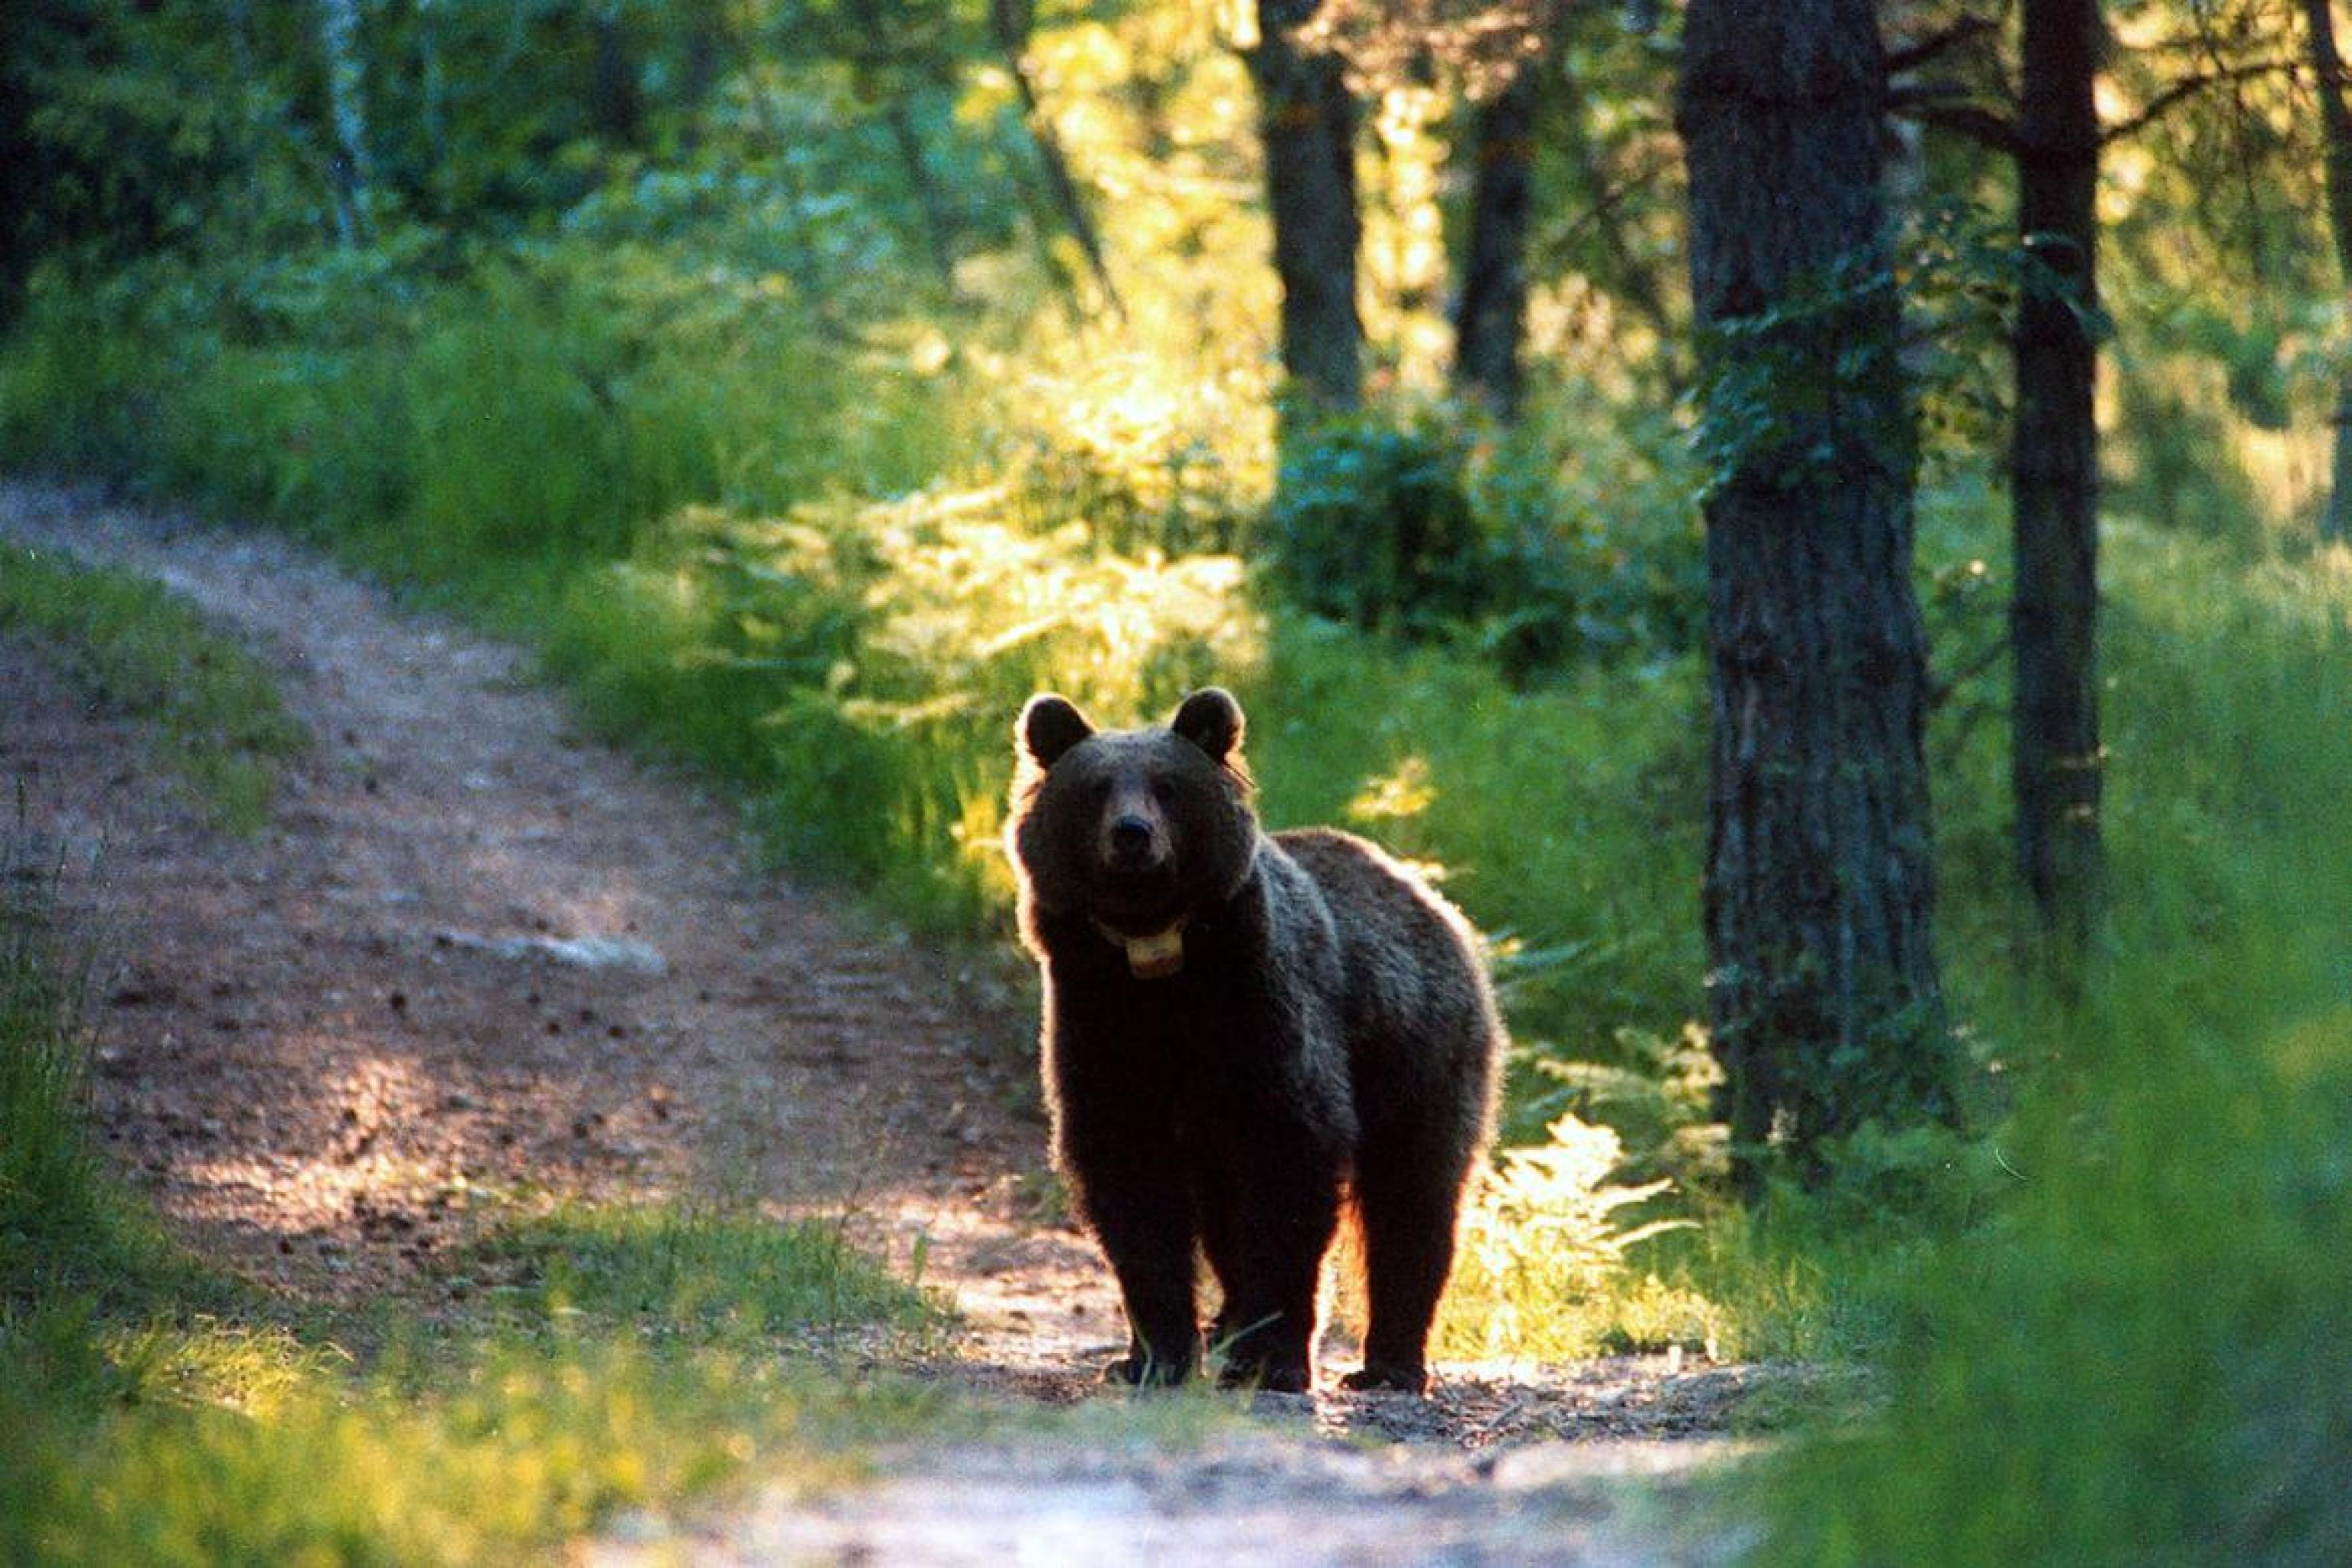 (ARCHIVIO) Un orso in Trentino, in una immagine di archivio. ANSA/UFF STAMPA PAT ++NO SALES, EDITORIAL USE ONLY++